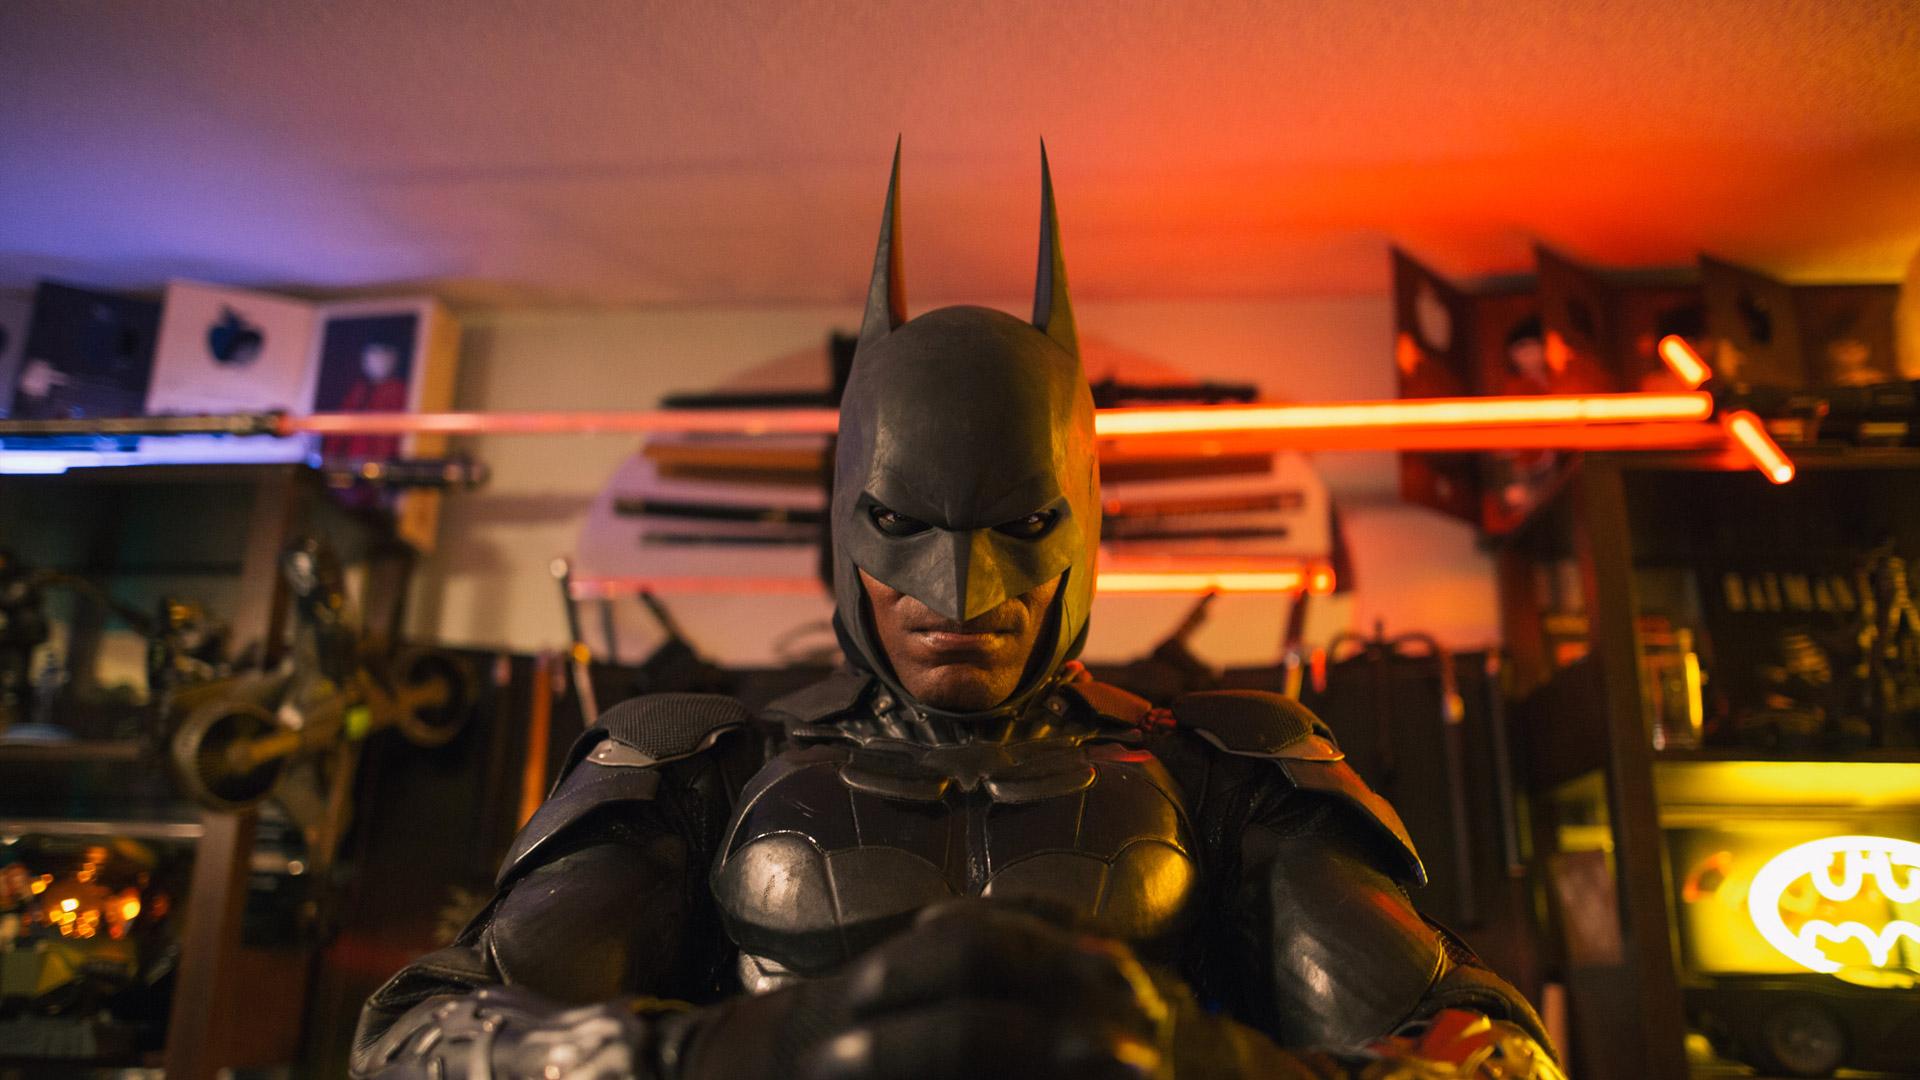 骨灰级偶像崇拜短片《成为蝙蝠侠》